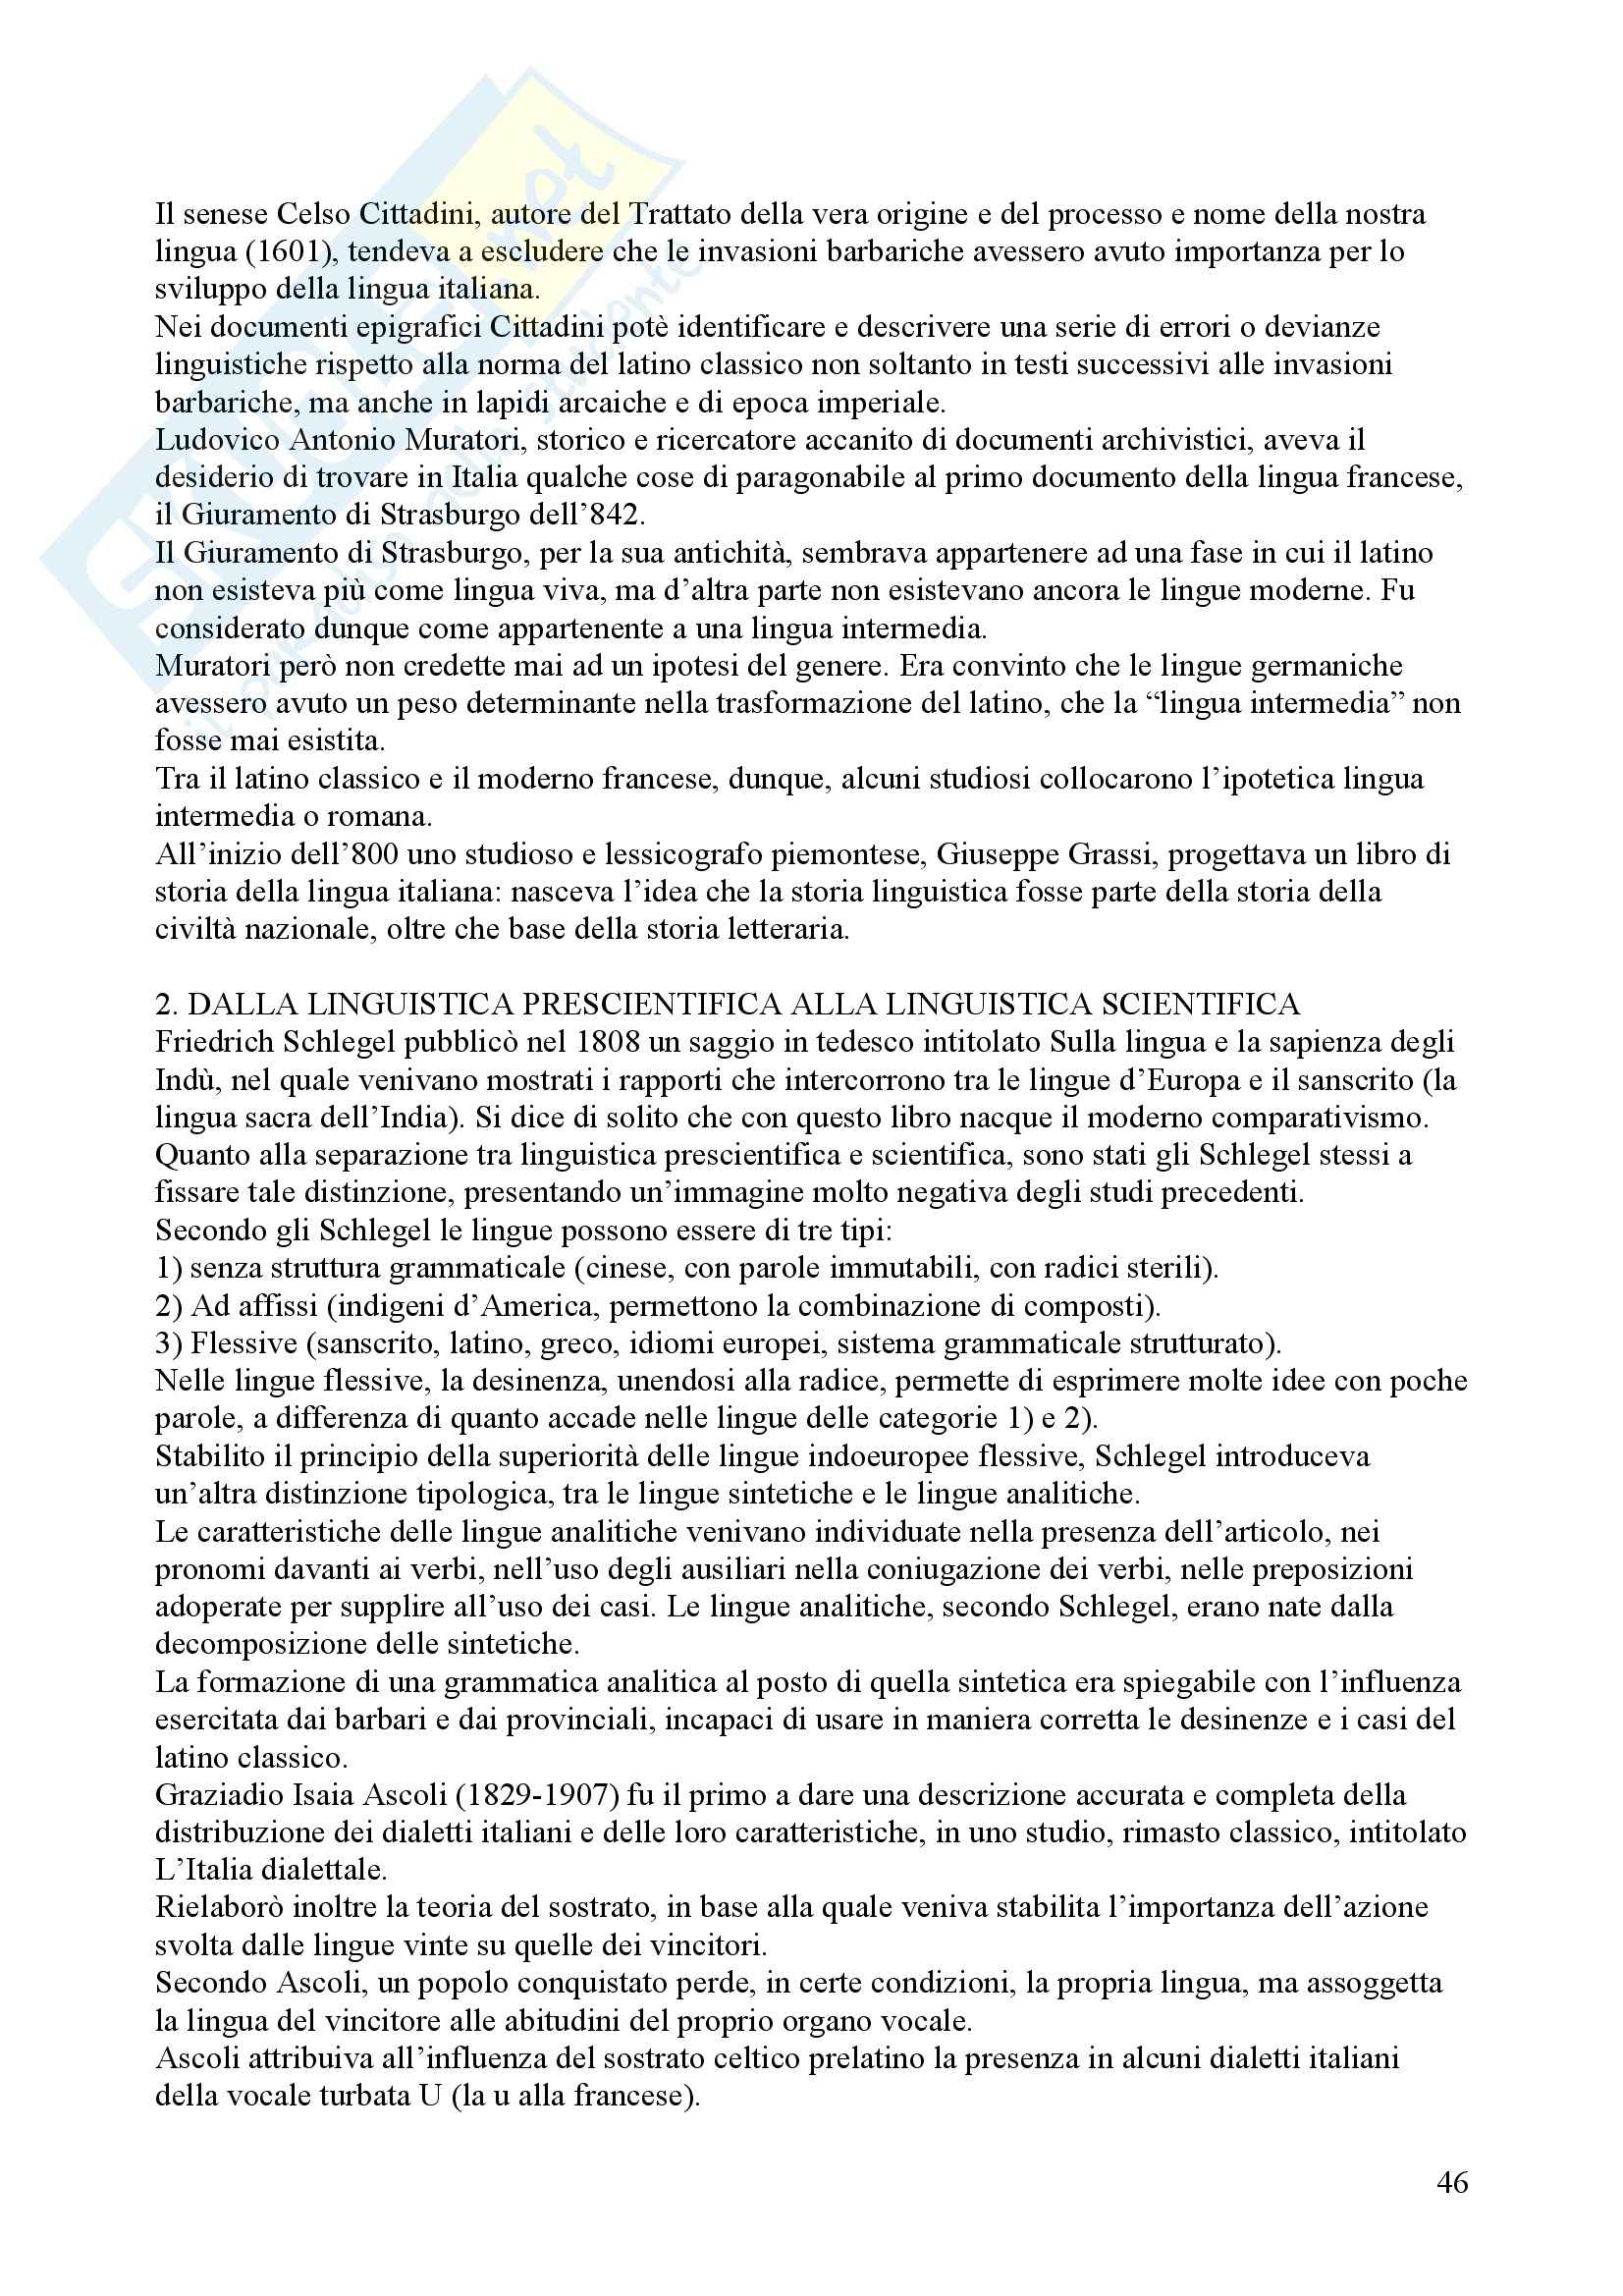 Tecniche espressive e composizione testi in italiano - Claudio Marazzini - breve storia della lingua italiana Pag. 46